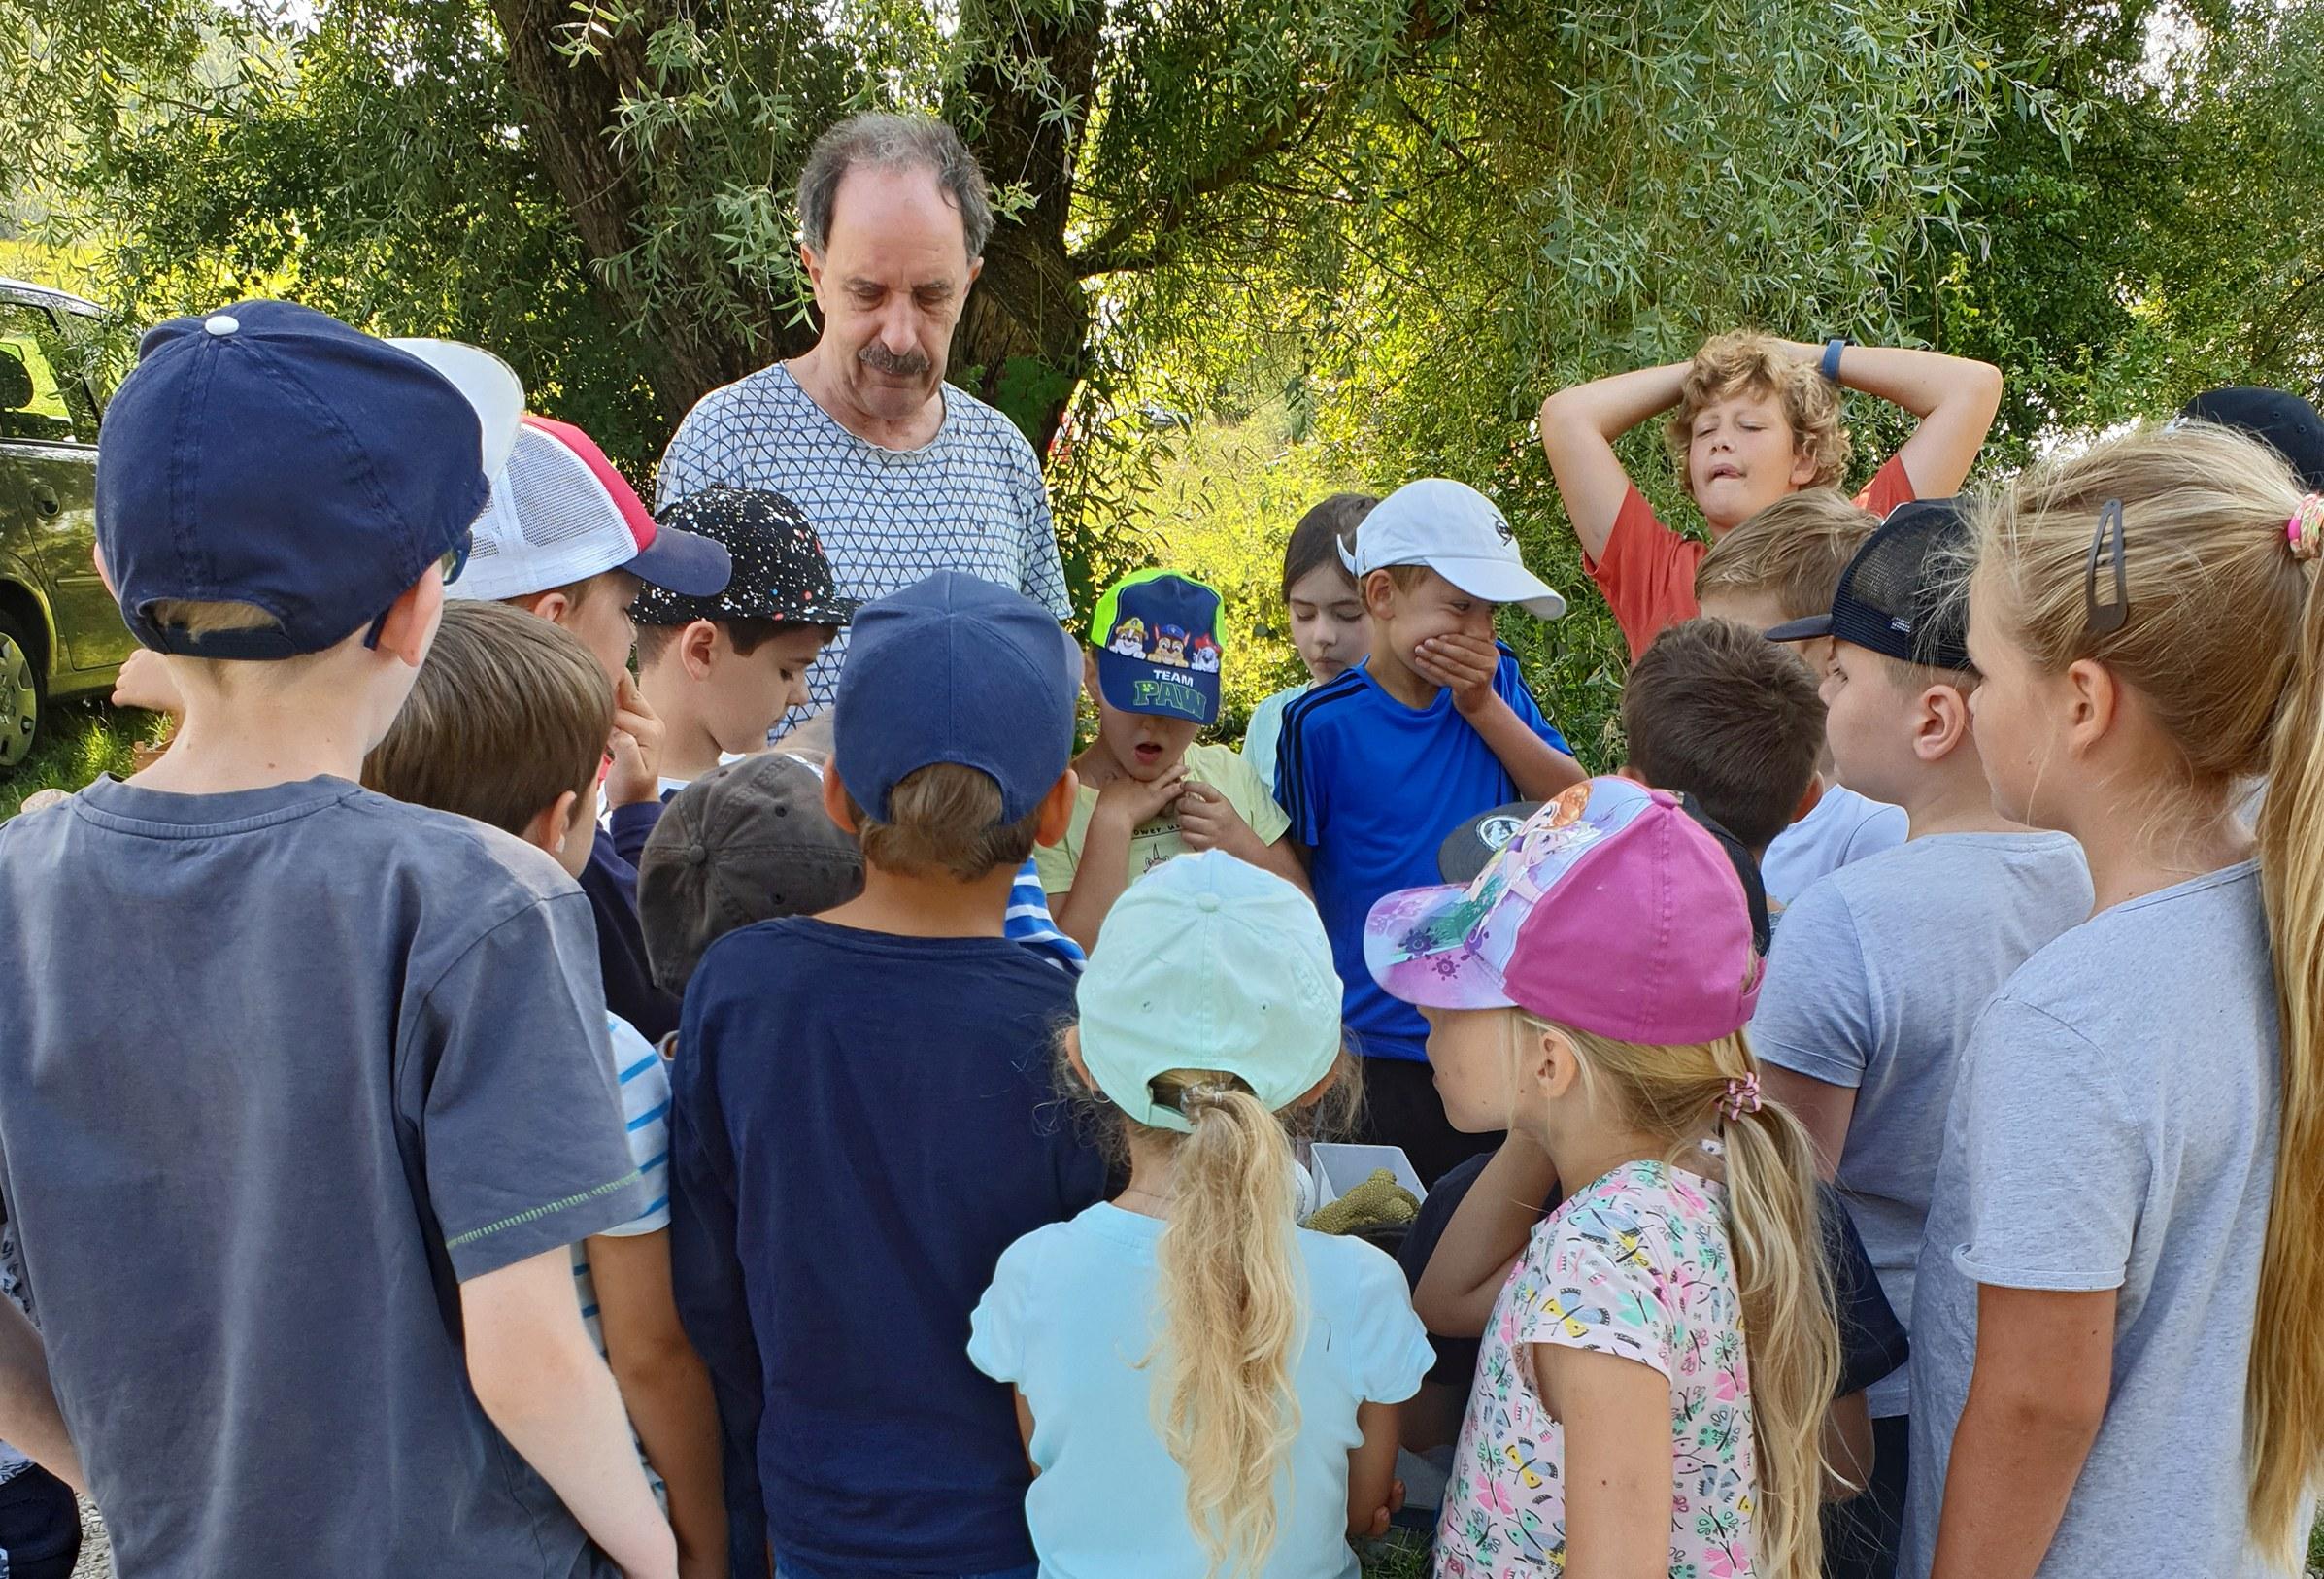 Ferienkinder verbringen schönen und lehrreichen Tag am Mettener Donaustrand